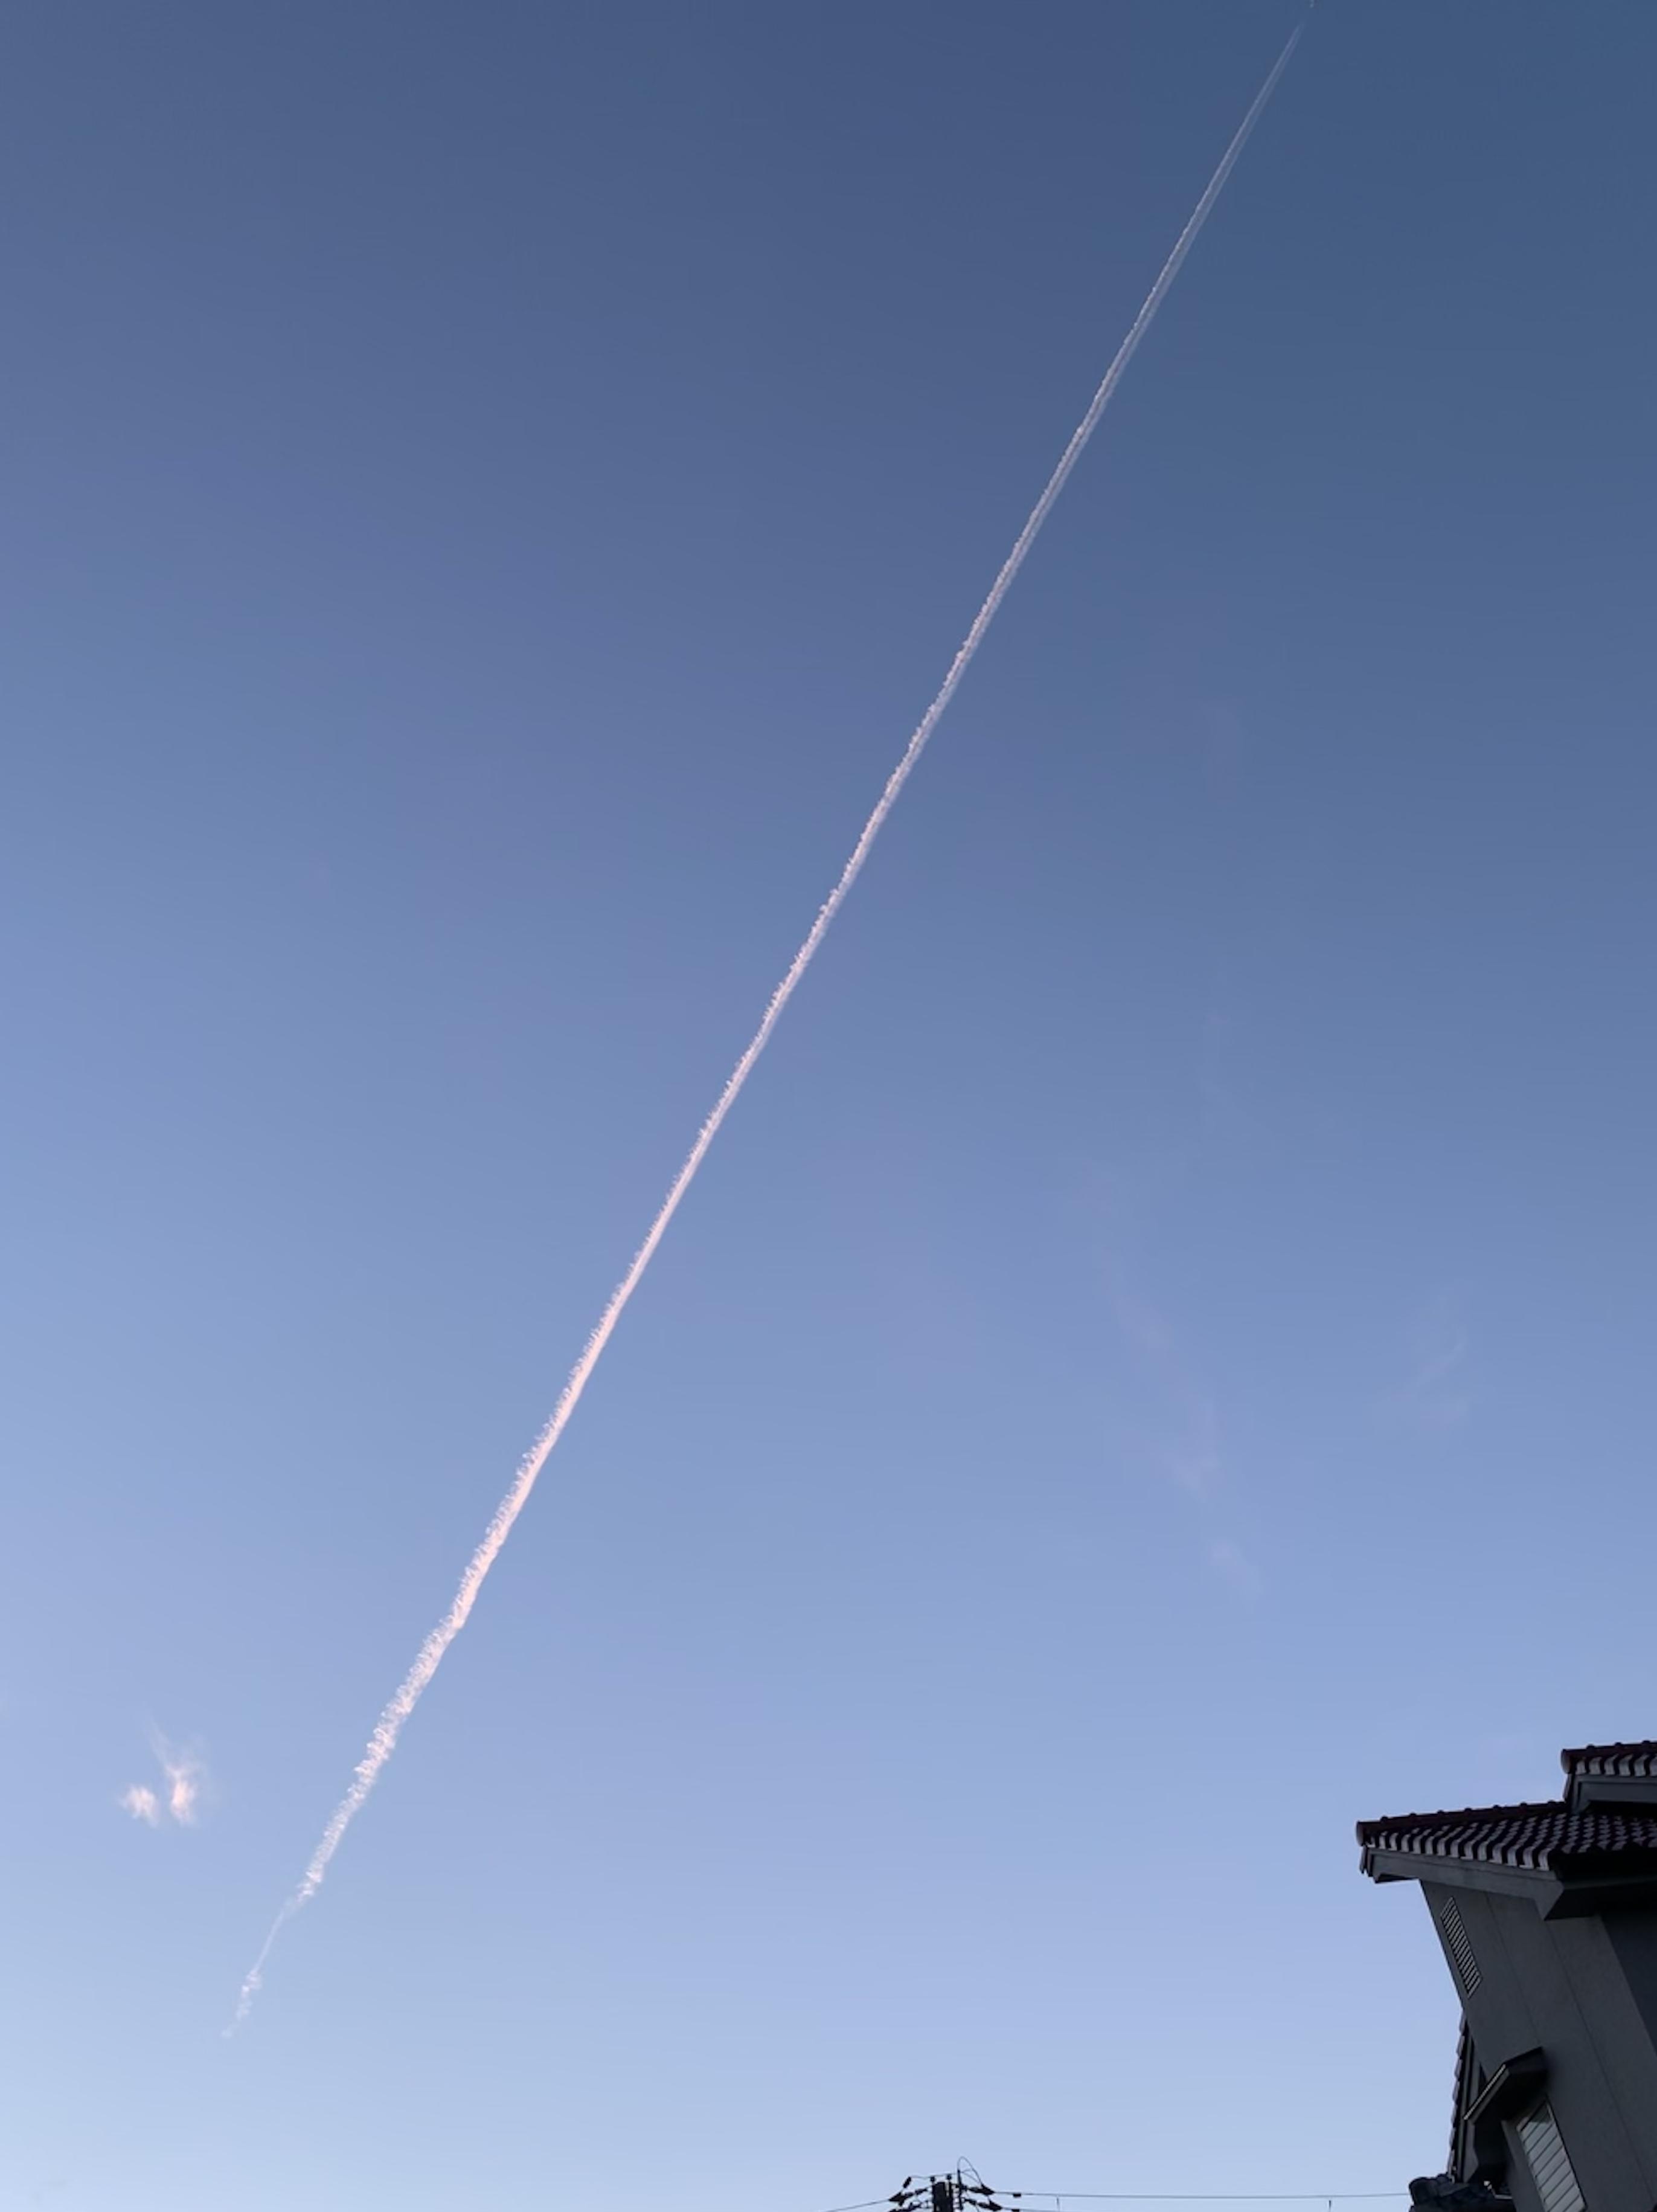 青空に一筋の飛行機雲